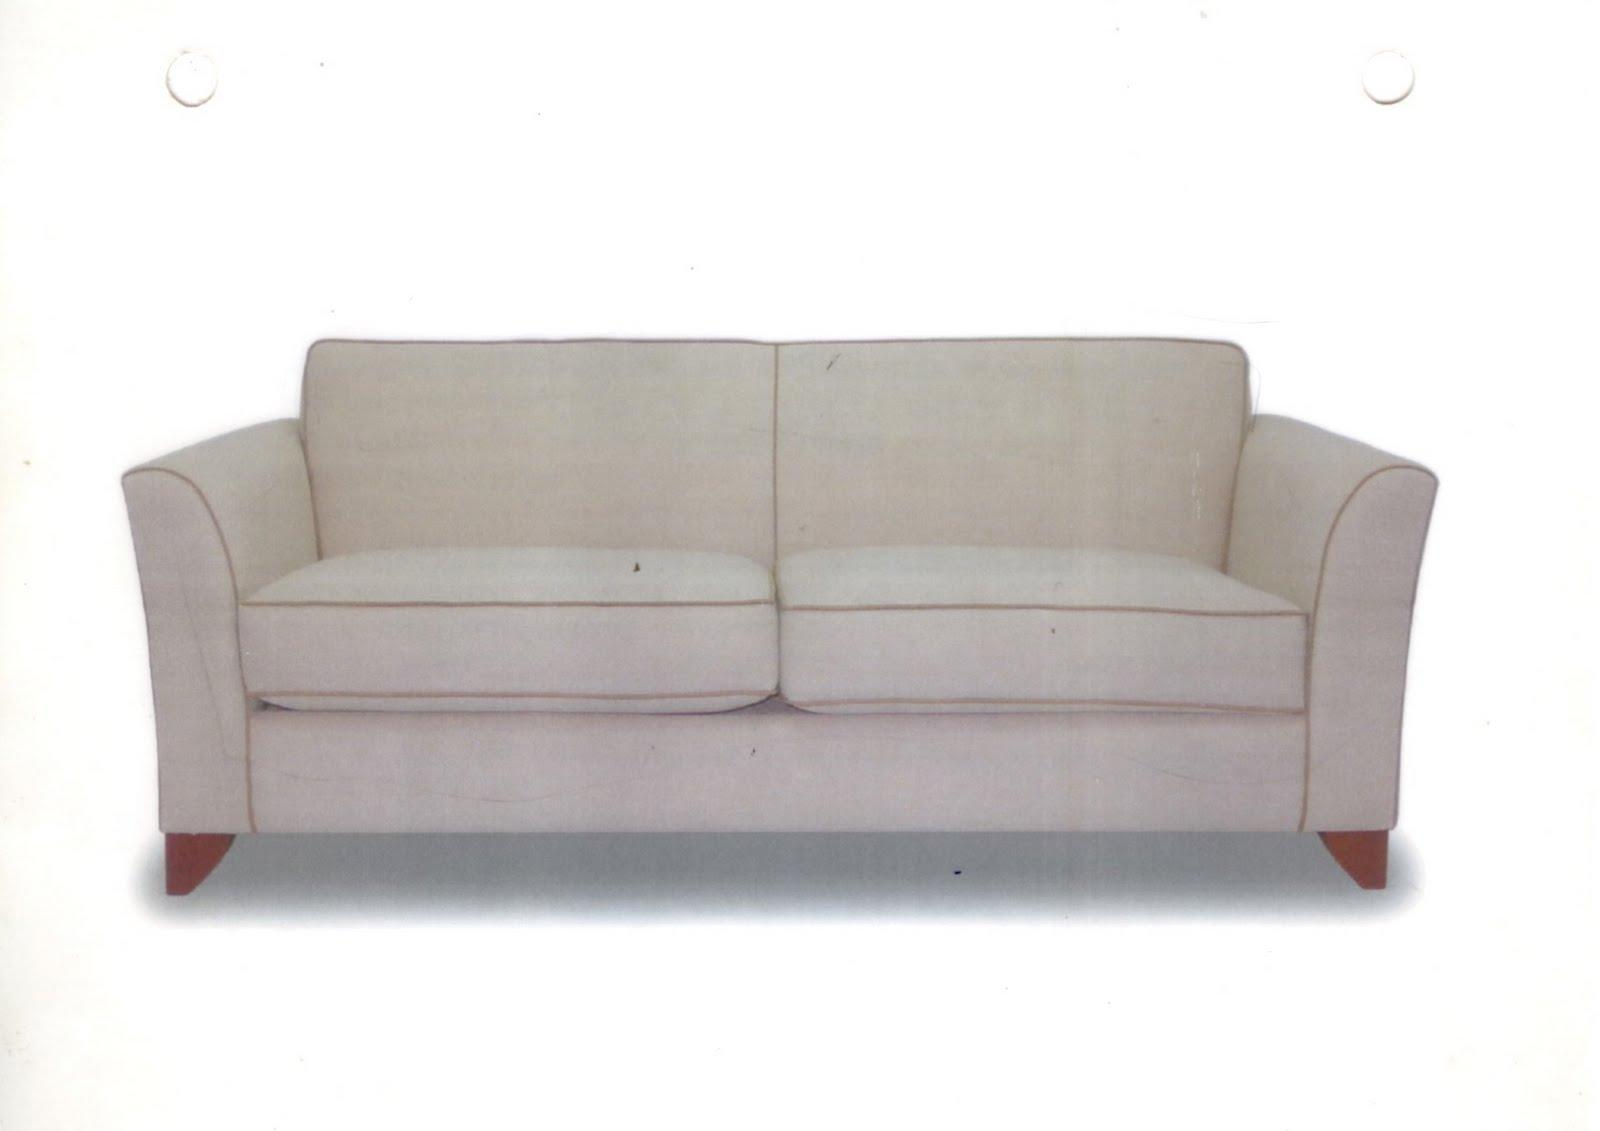 Confort y dise o en muebles sa de cv muebles contemporaneos for Muebles contemporaneos guadalajara